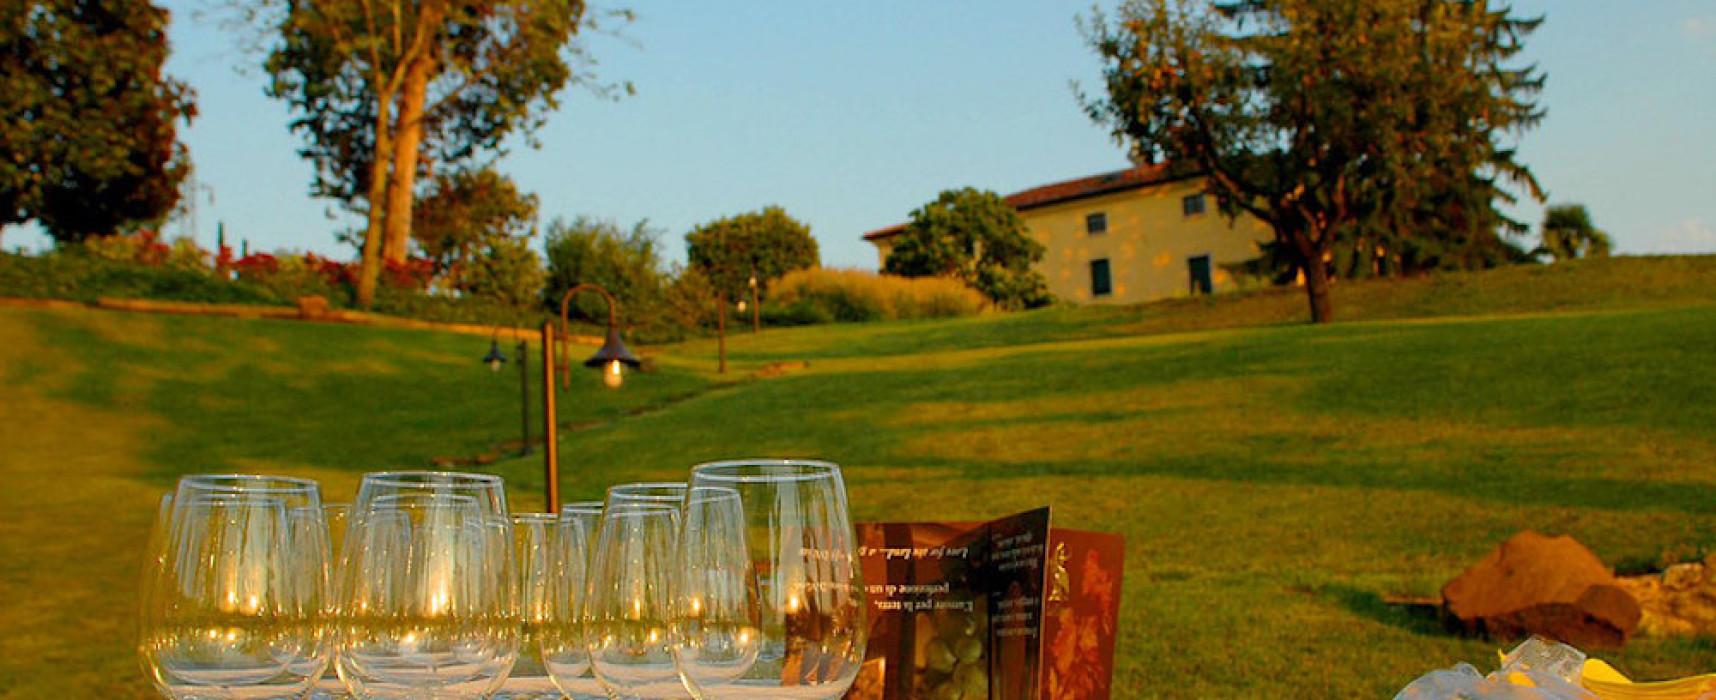 Confcommercio e Cescot: Corsi GRATUITI settore turismo/ristorazione per DISOCCCUPATI